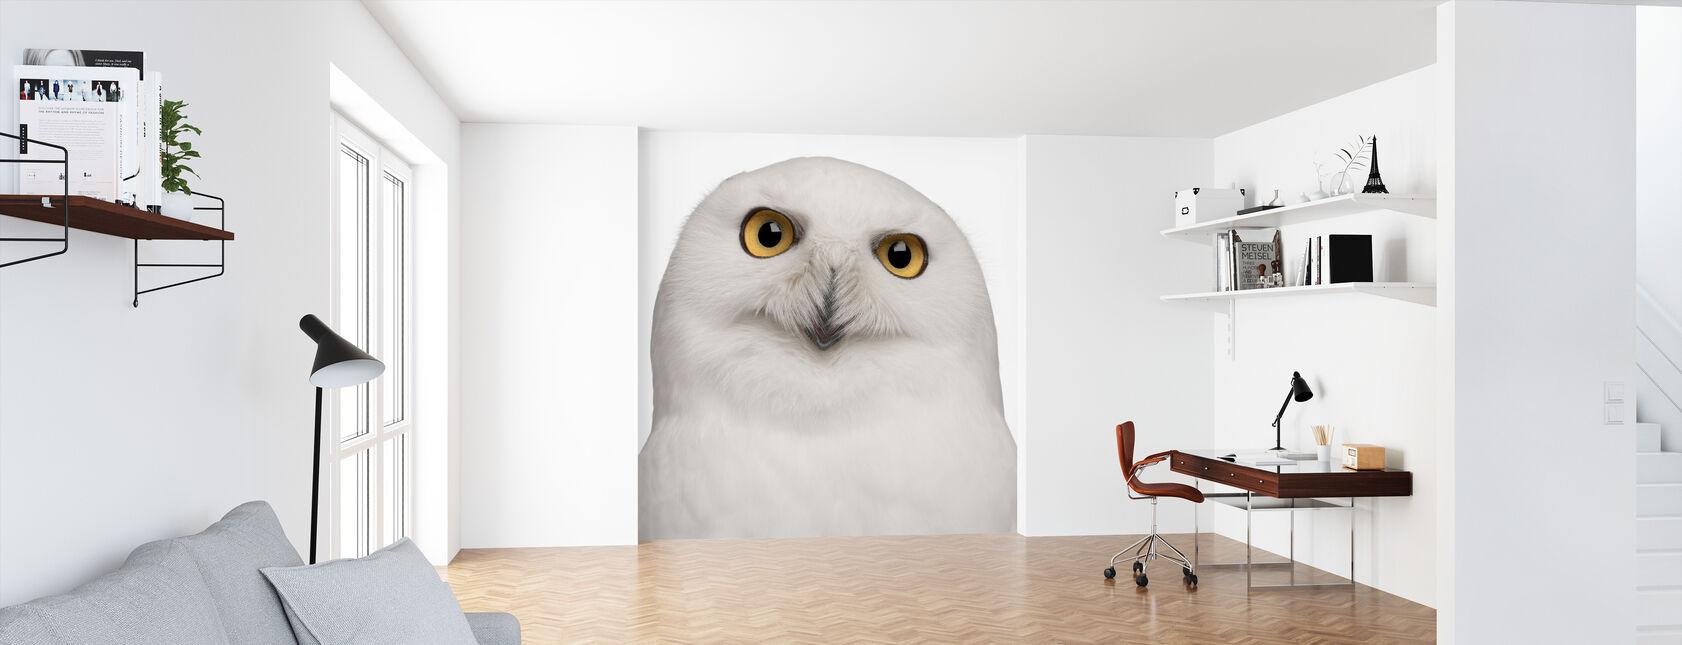 Snowy Owl - Wallpaper - Office